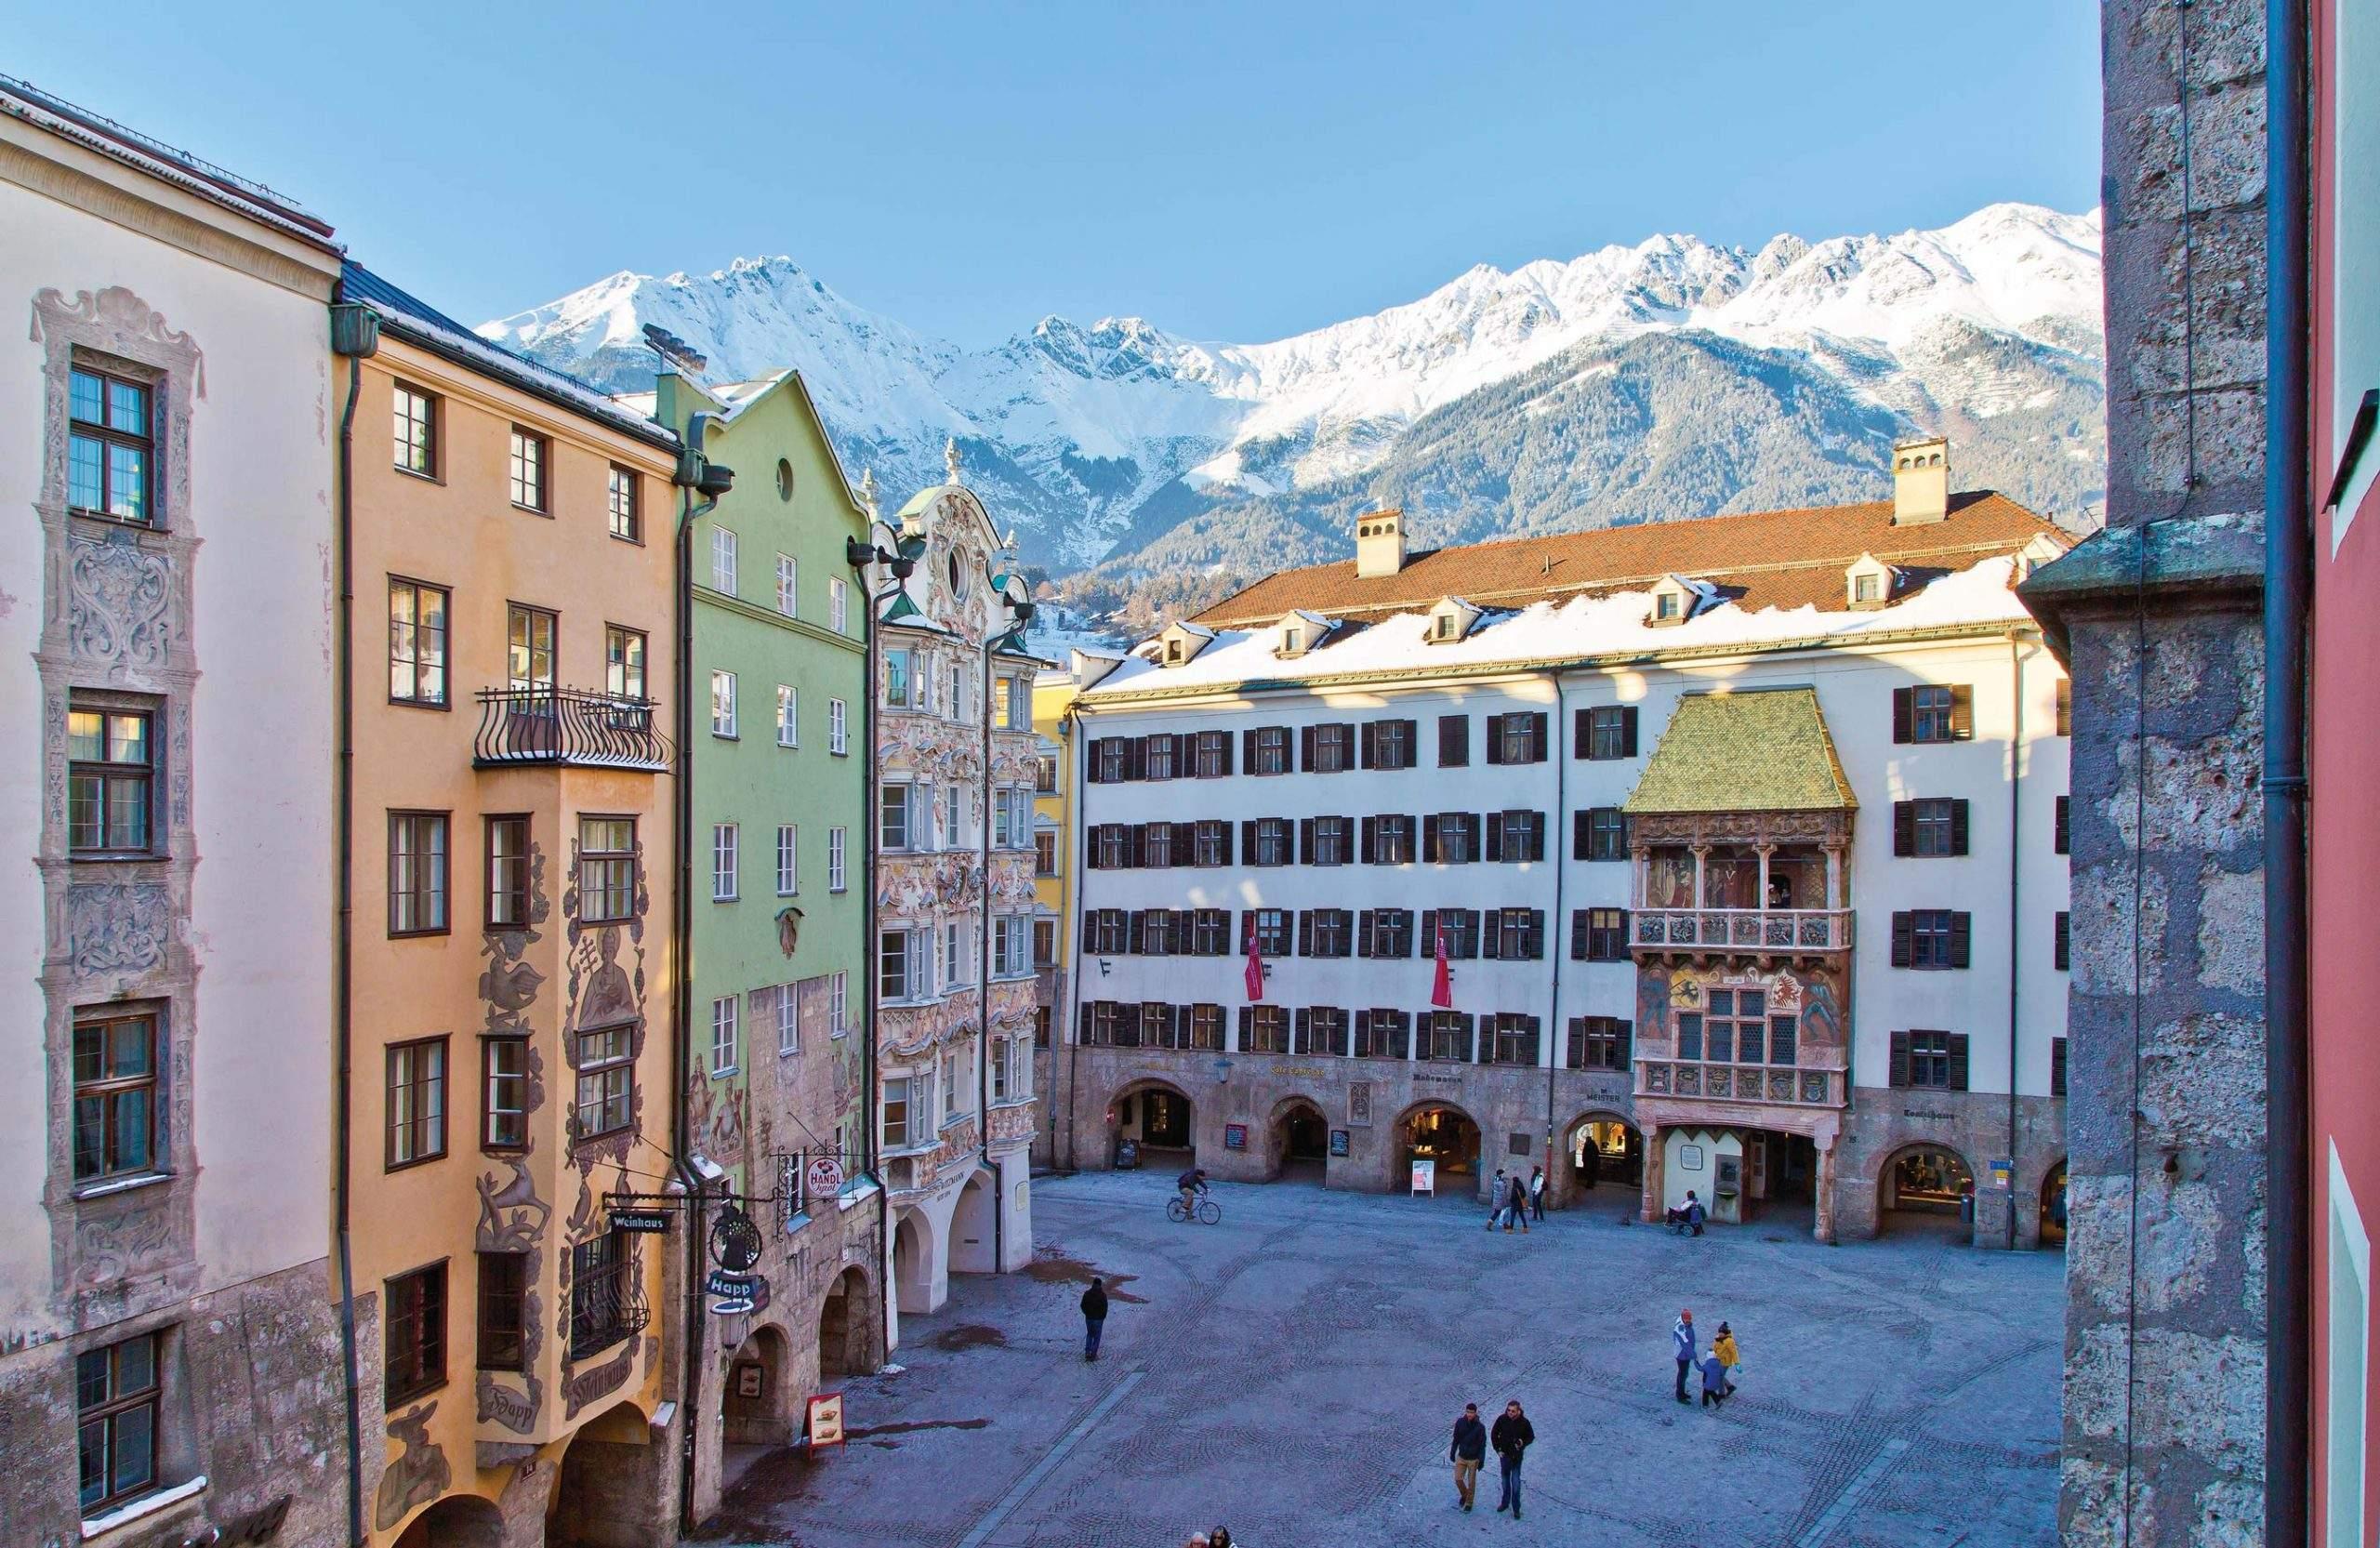 Absteige im Zentrum Innsbrucks